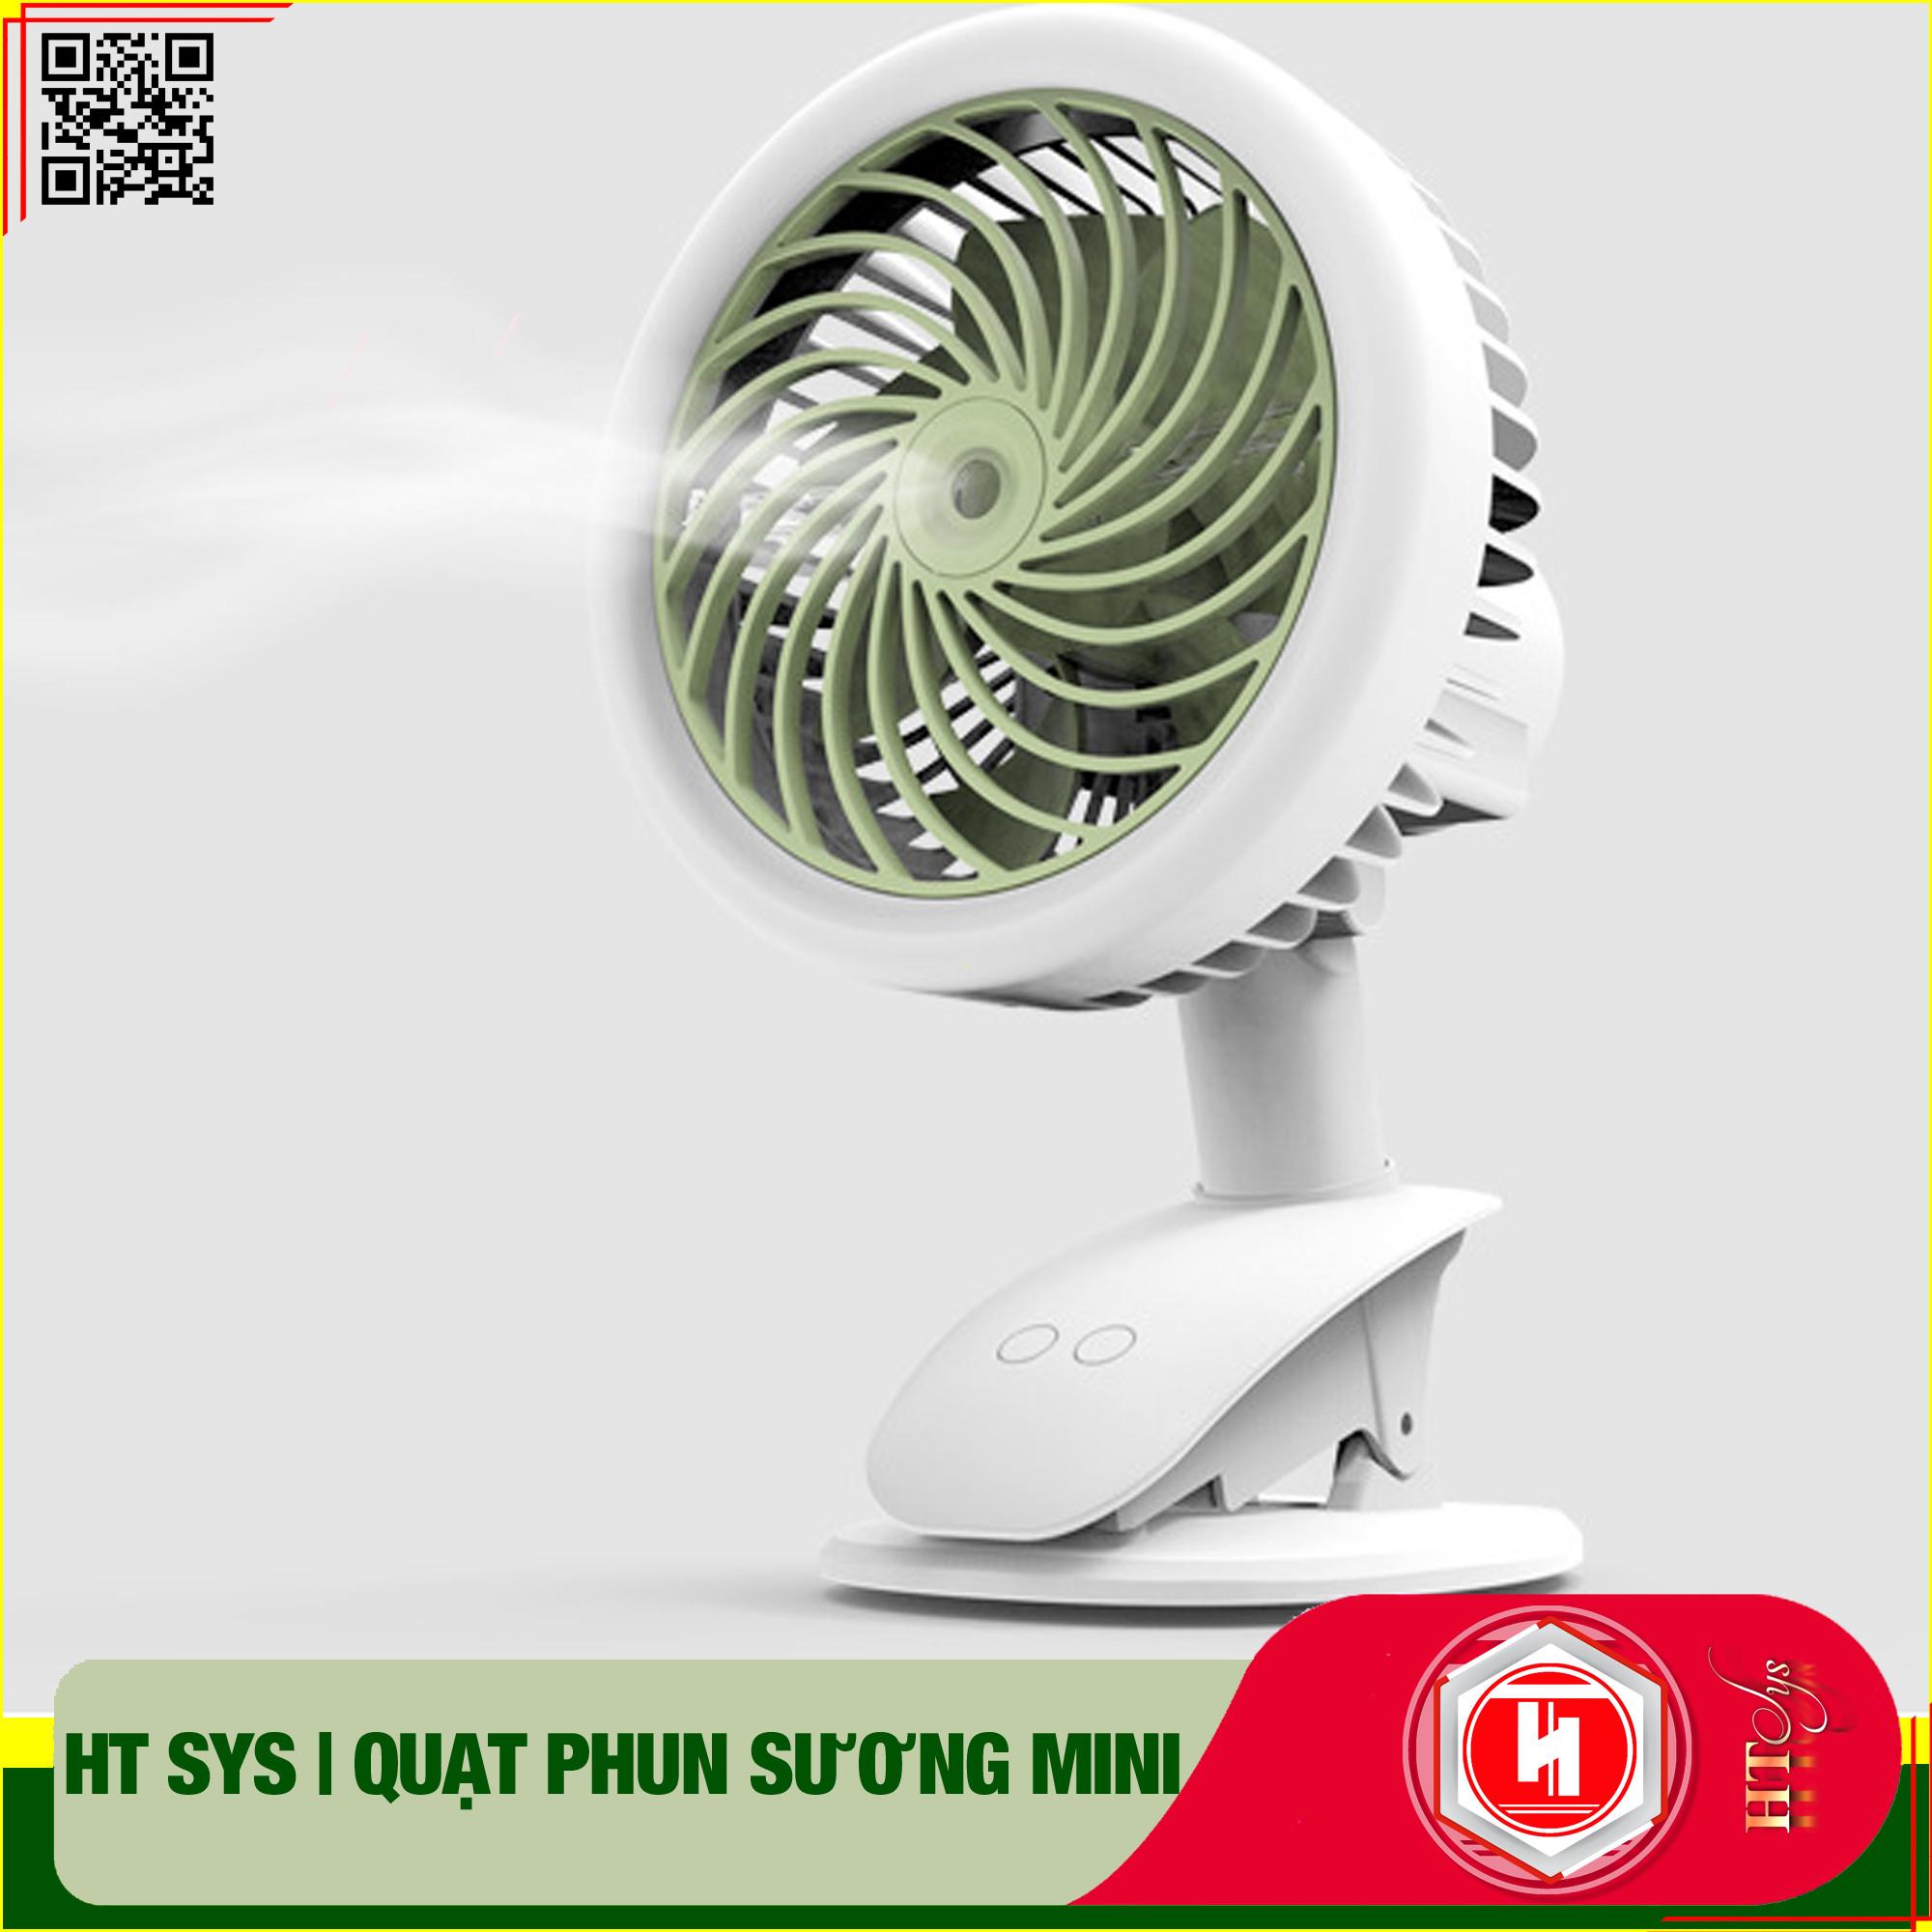 Quạt tích điện mini để bàn - HT SYS - Tích hợp kẹp bàn - Phun sương tạo độ ẩm - Hàng Nhập Khẩu